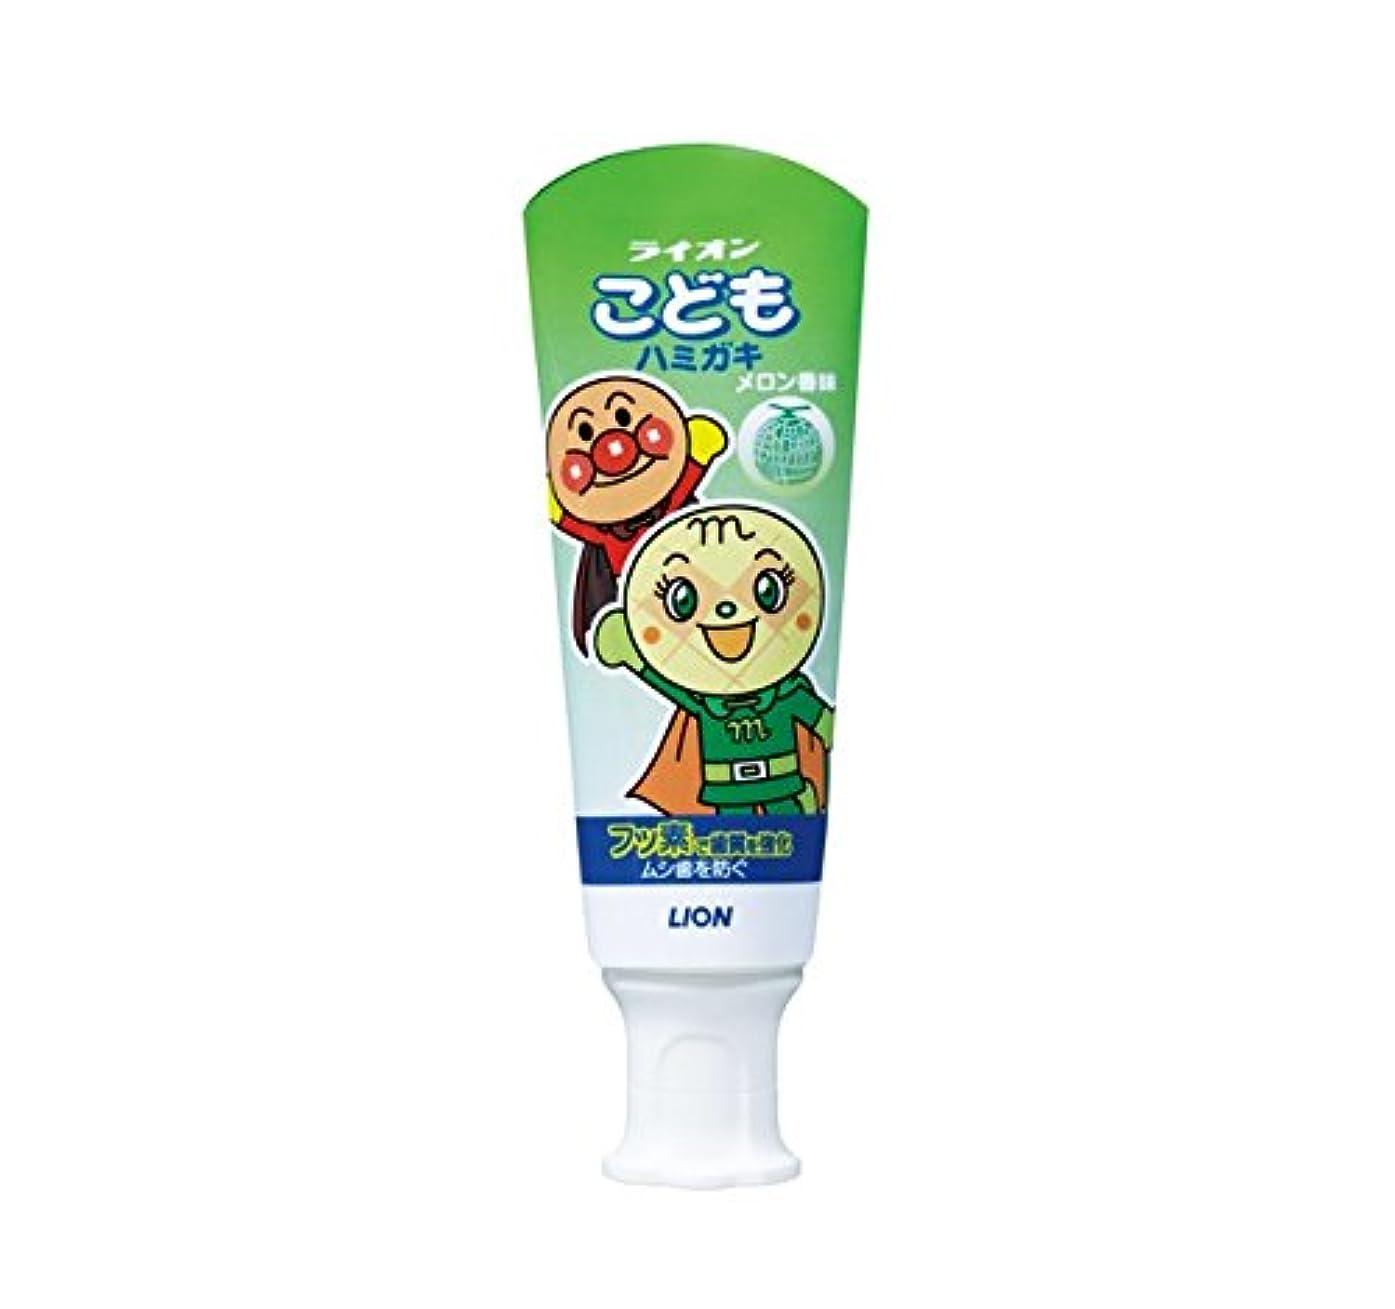 束ねる不愉快にマダムこどもハミガキ アンパンマン メロン香味 40g (医薬部外品)